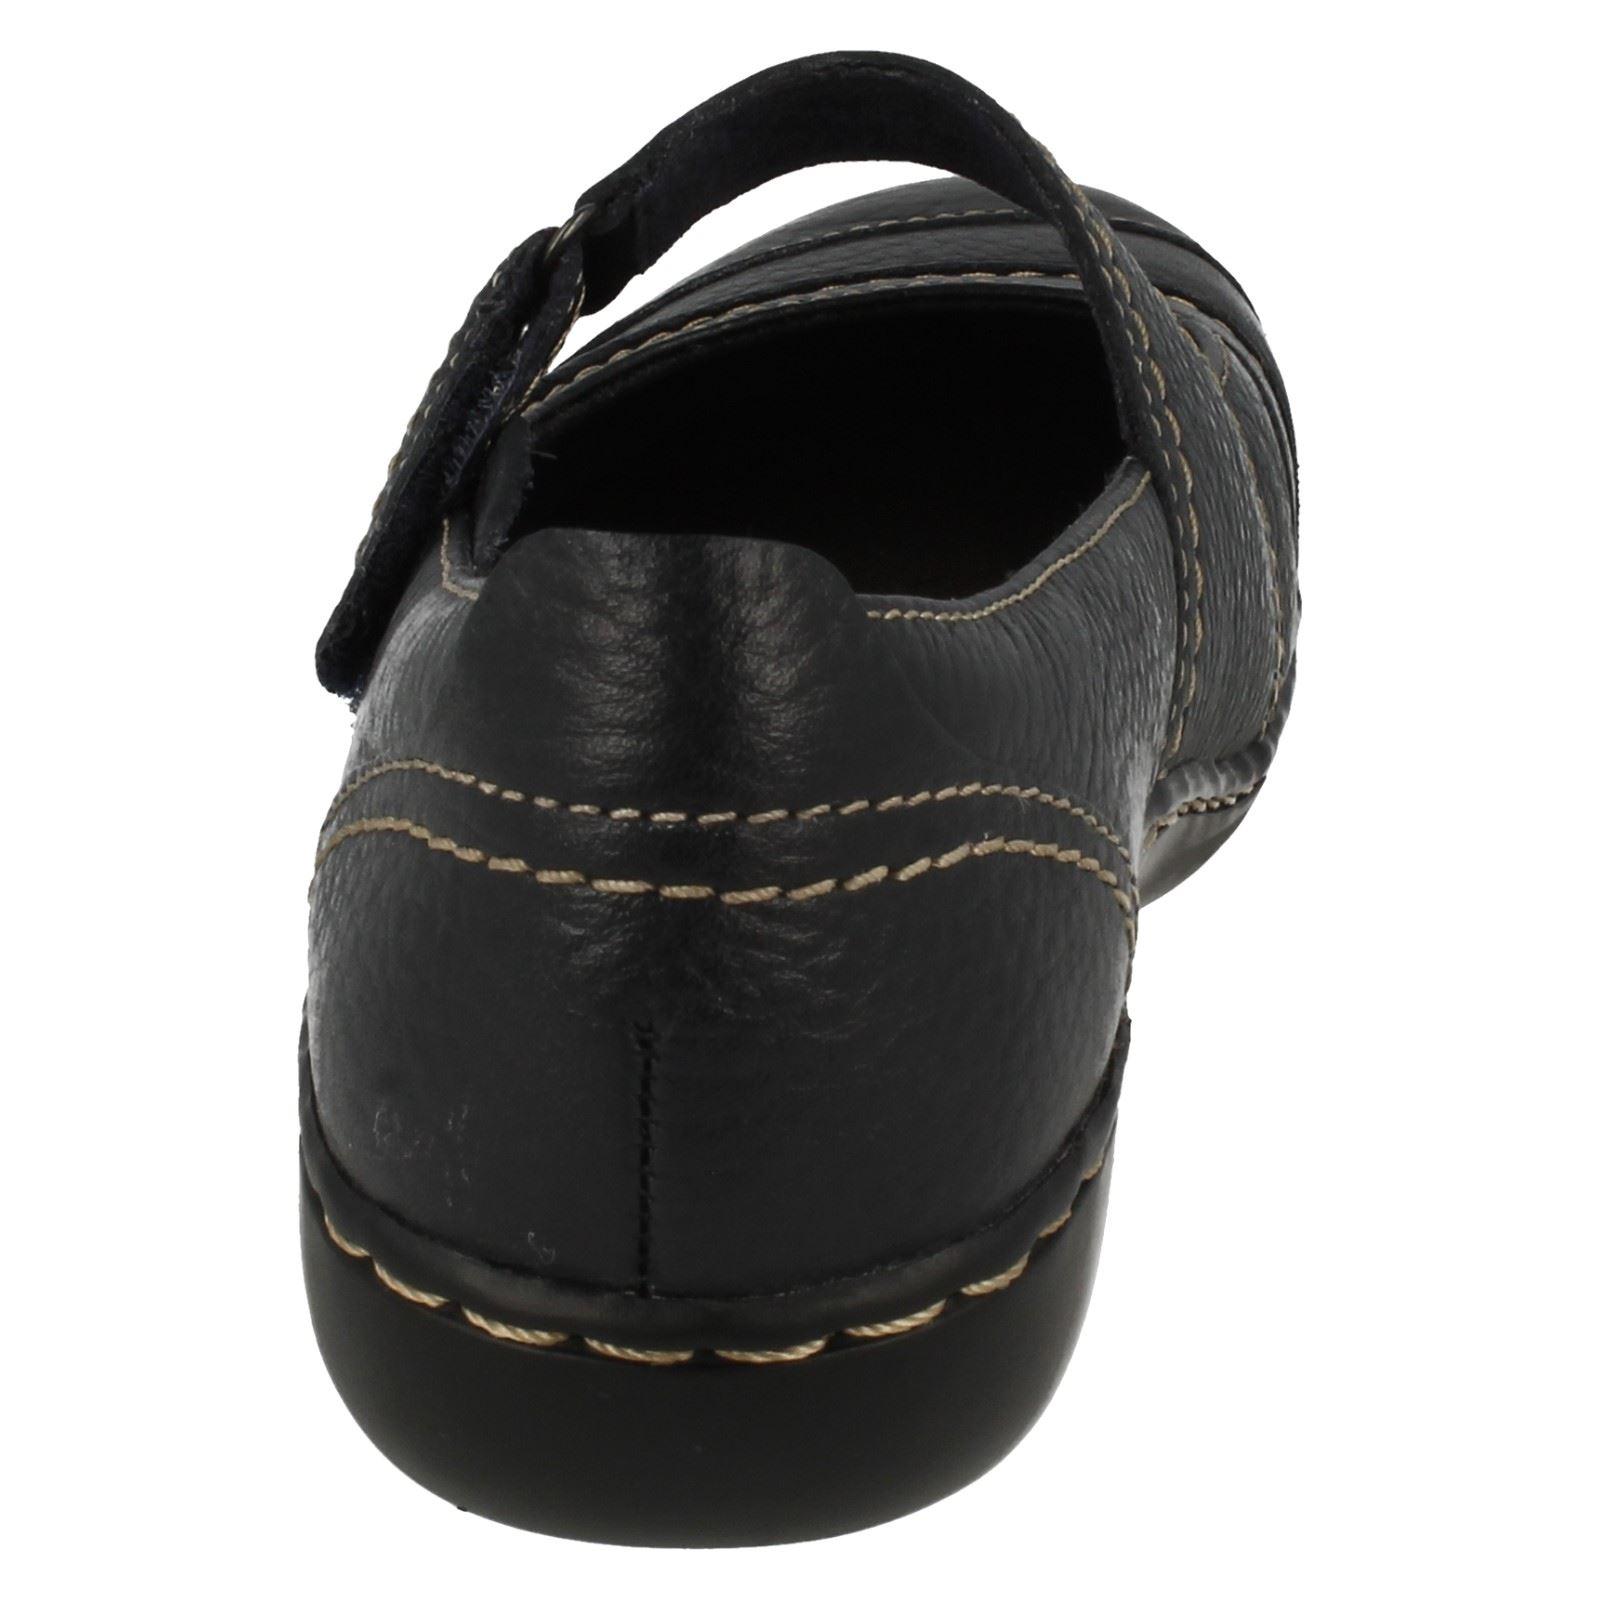 Femmes Clarks Embrace Chat Chaussures De Loisirs